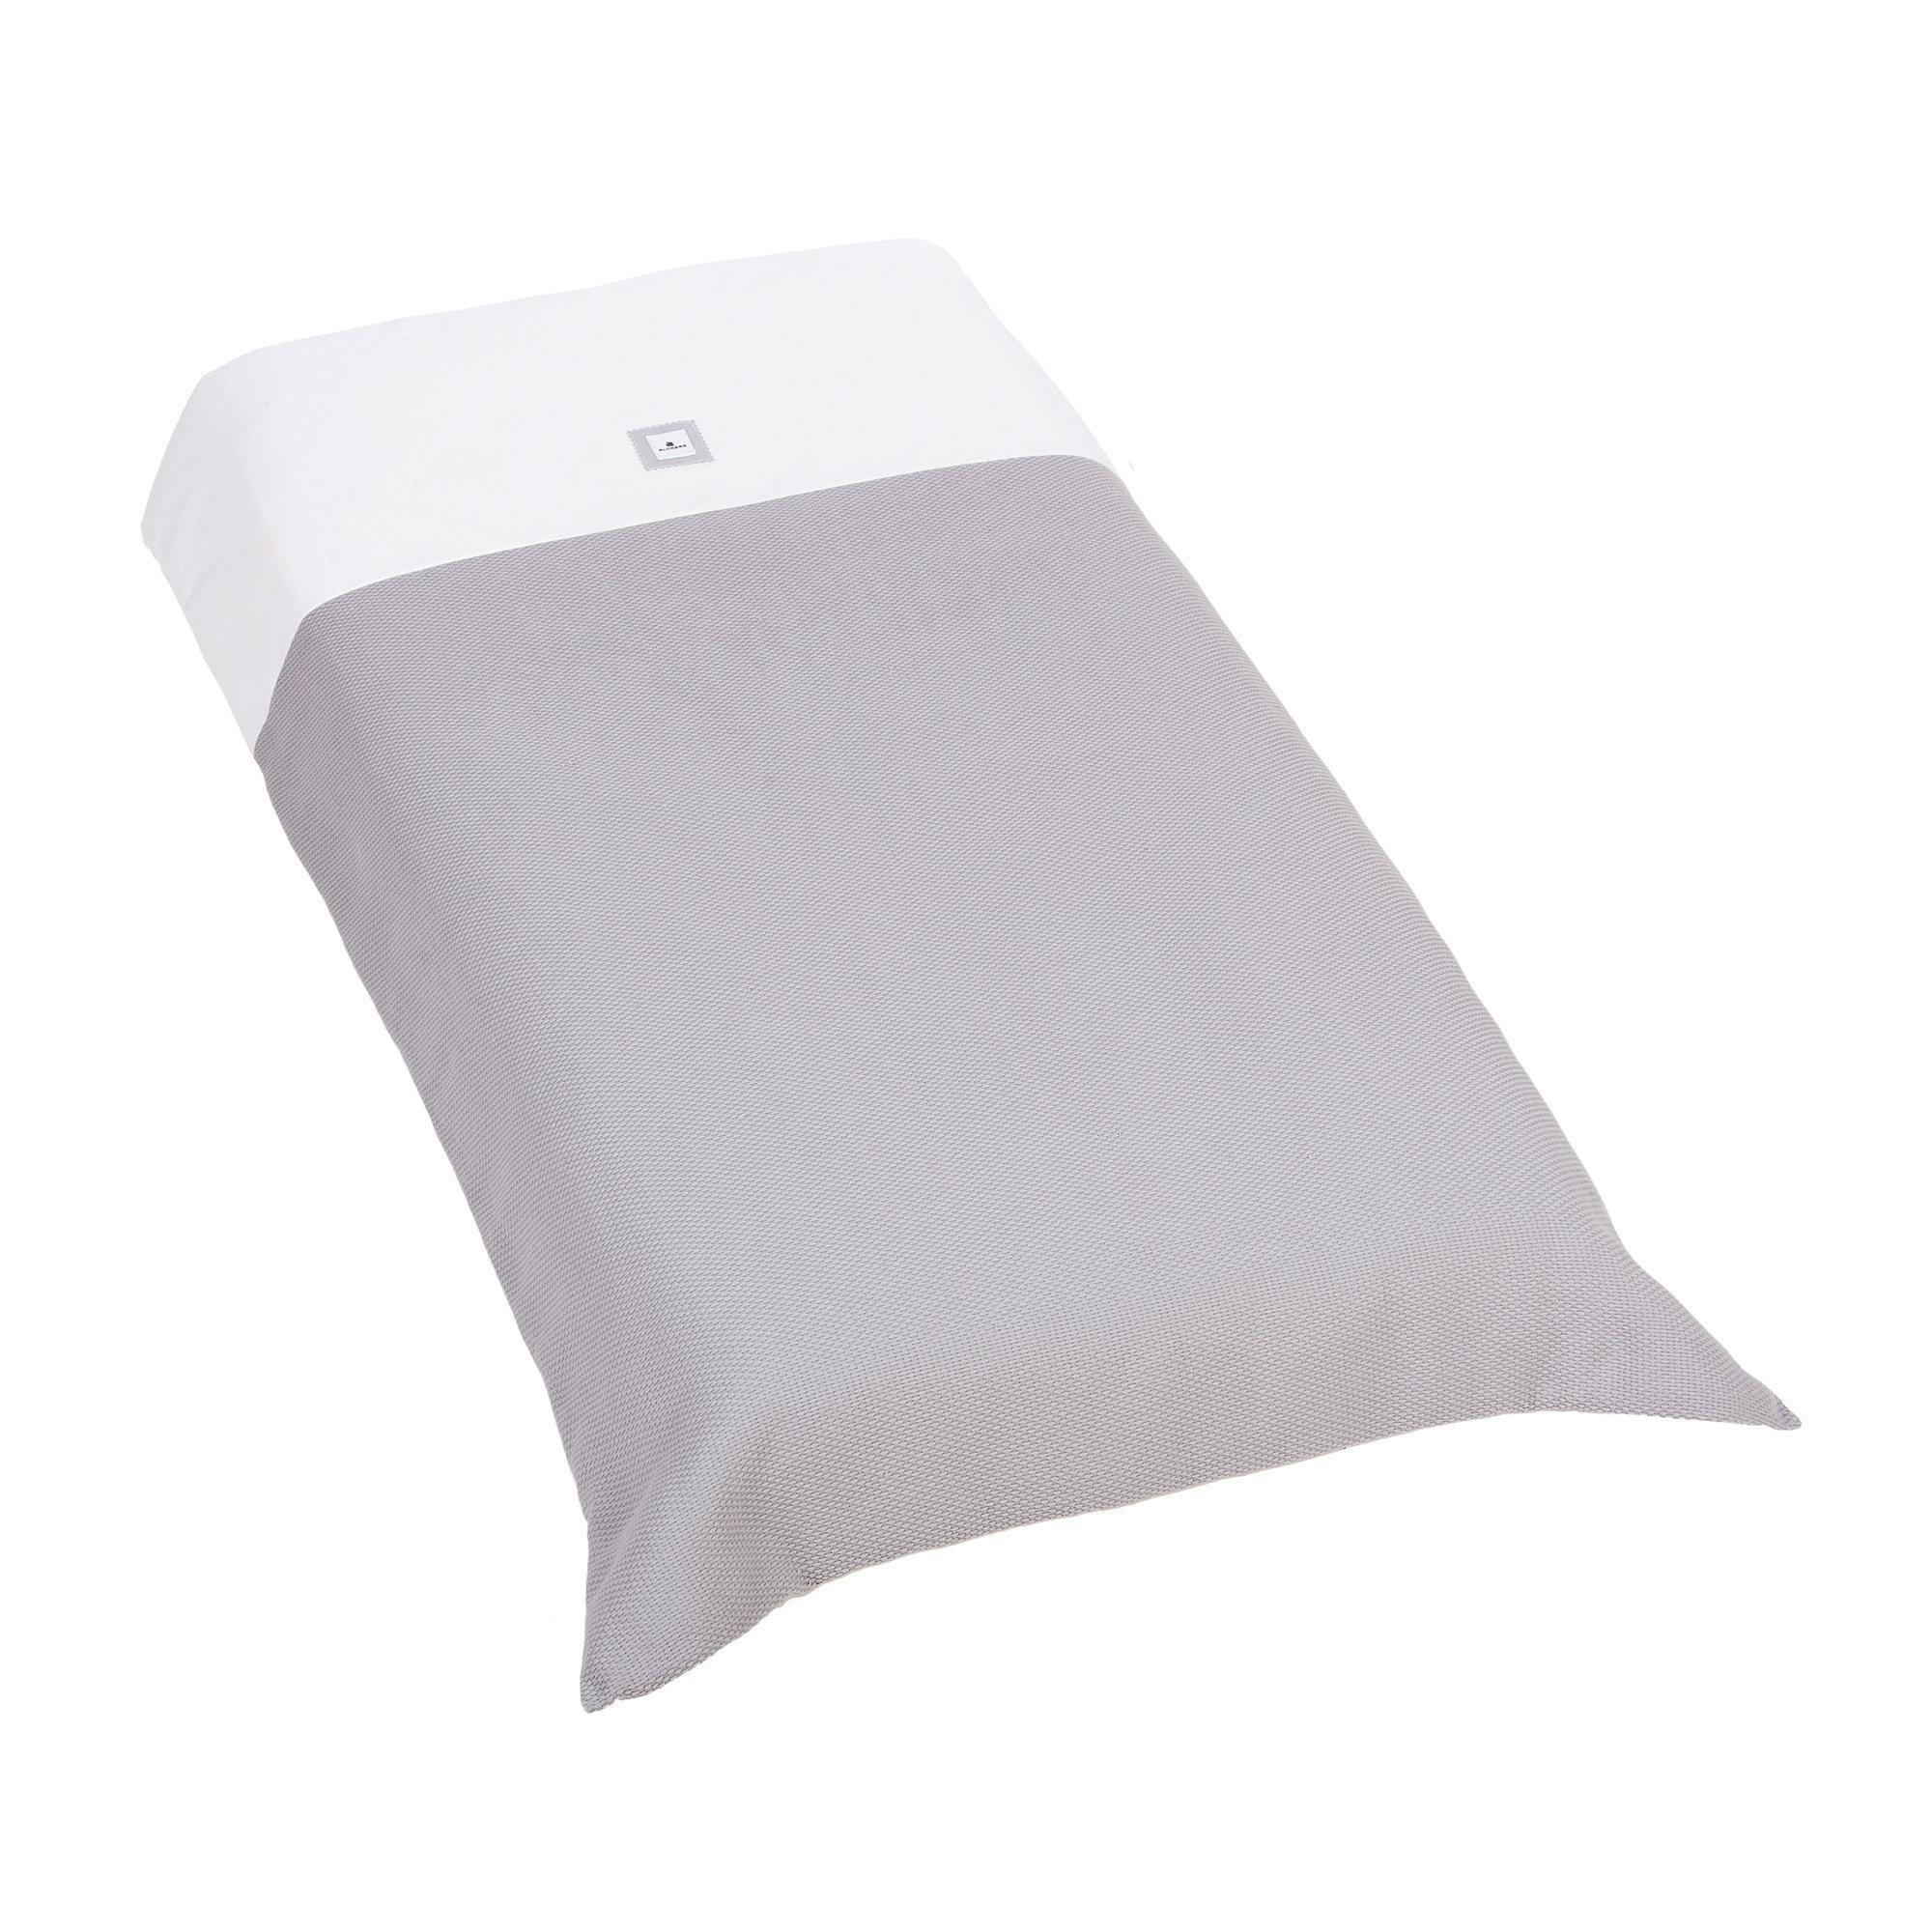 Nórdico cama Montessori 90x200cm carezza